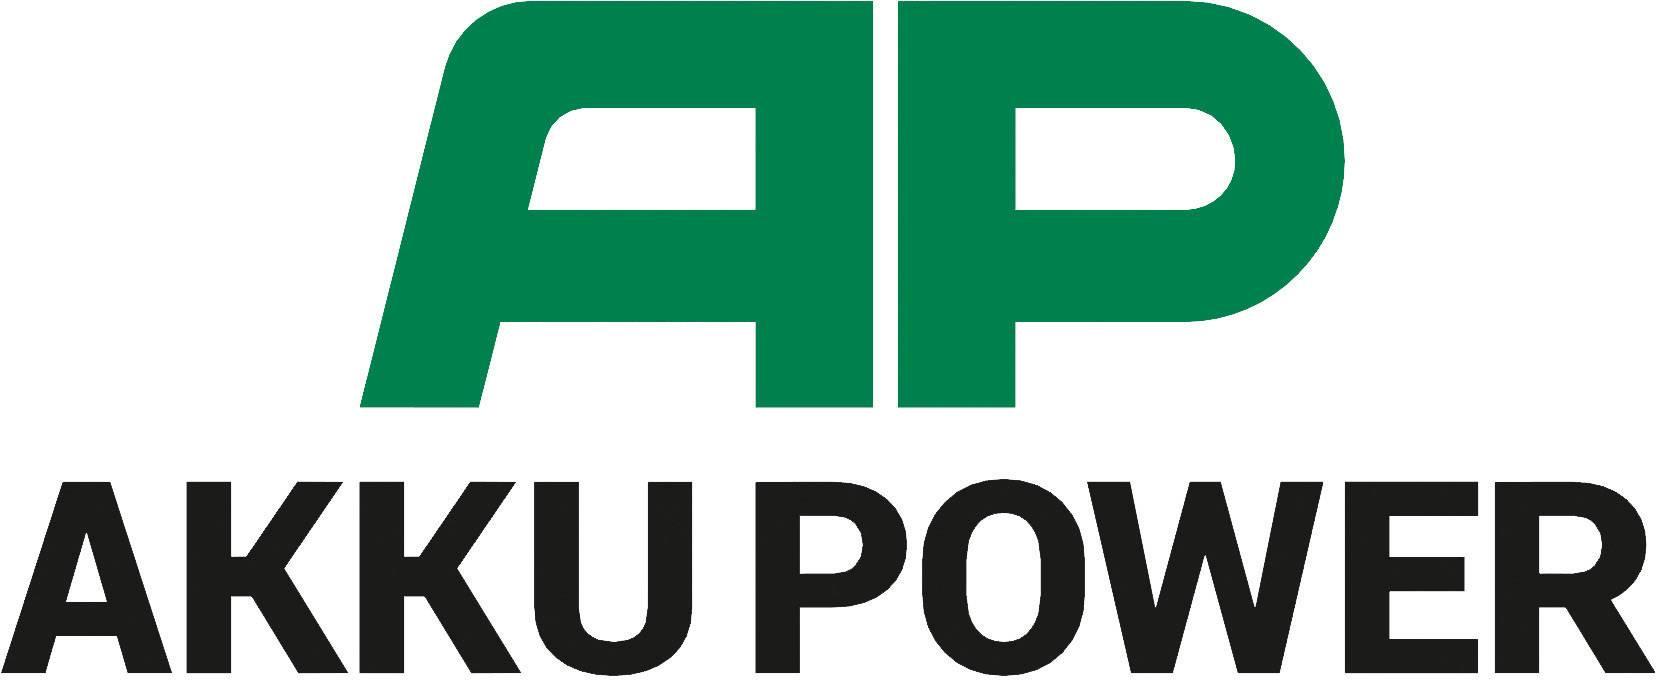 Akku Power